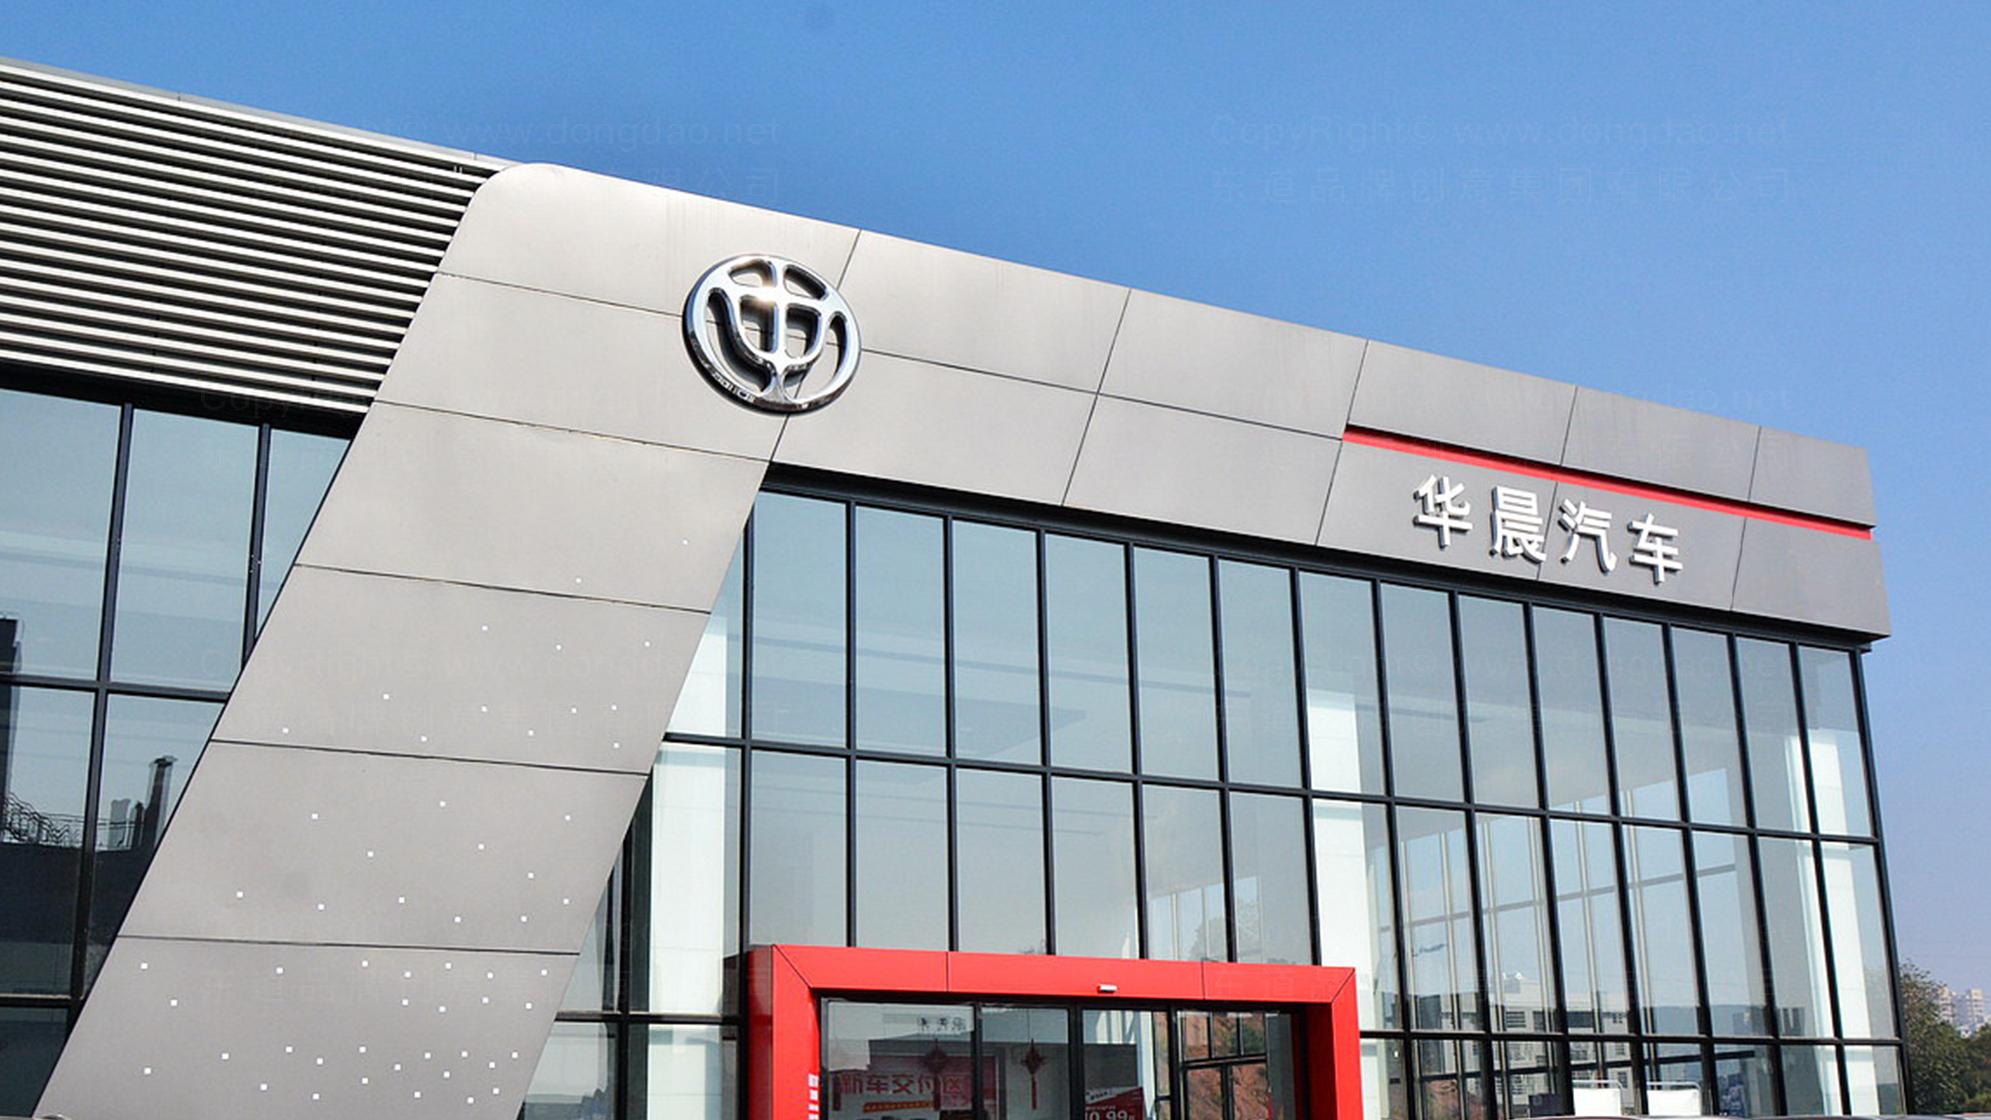 品牌设计中华汽车标志设计应用场景_8